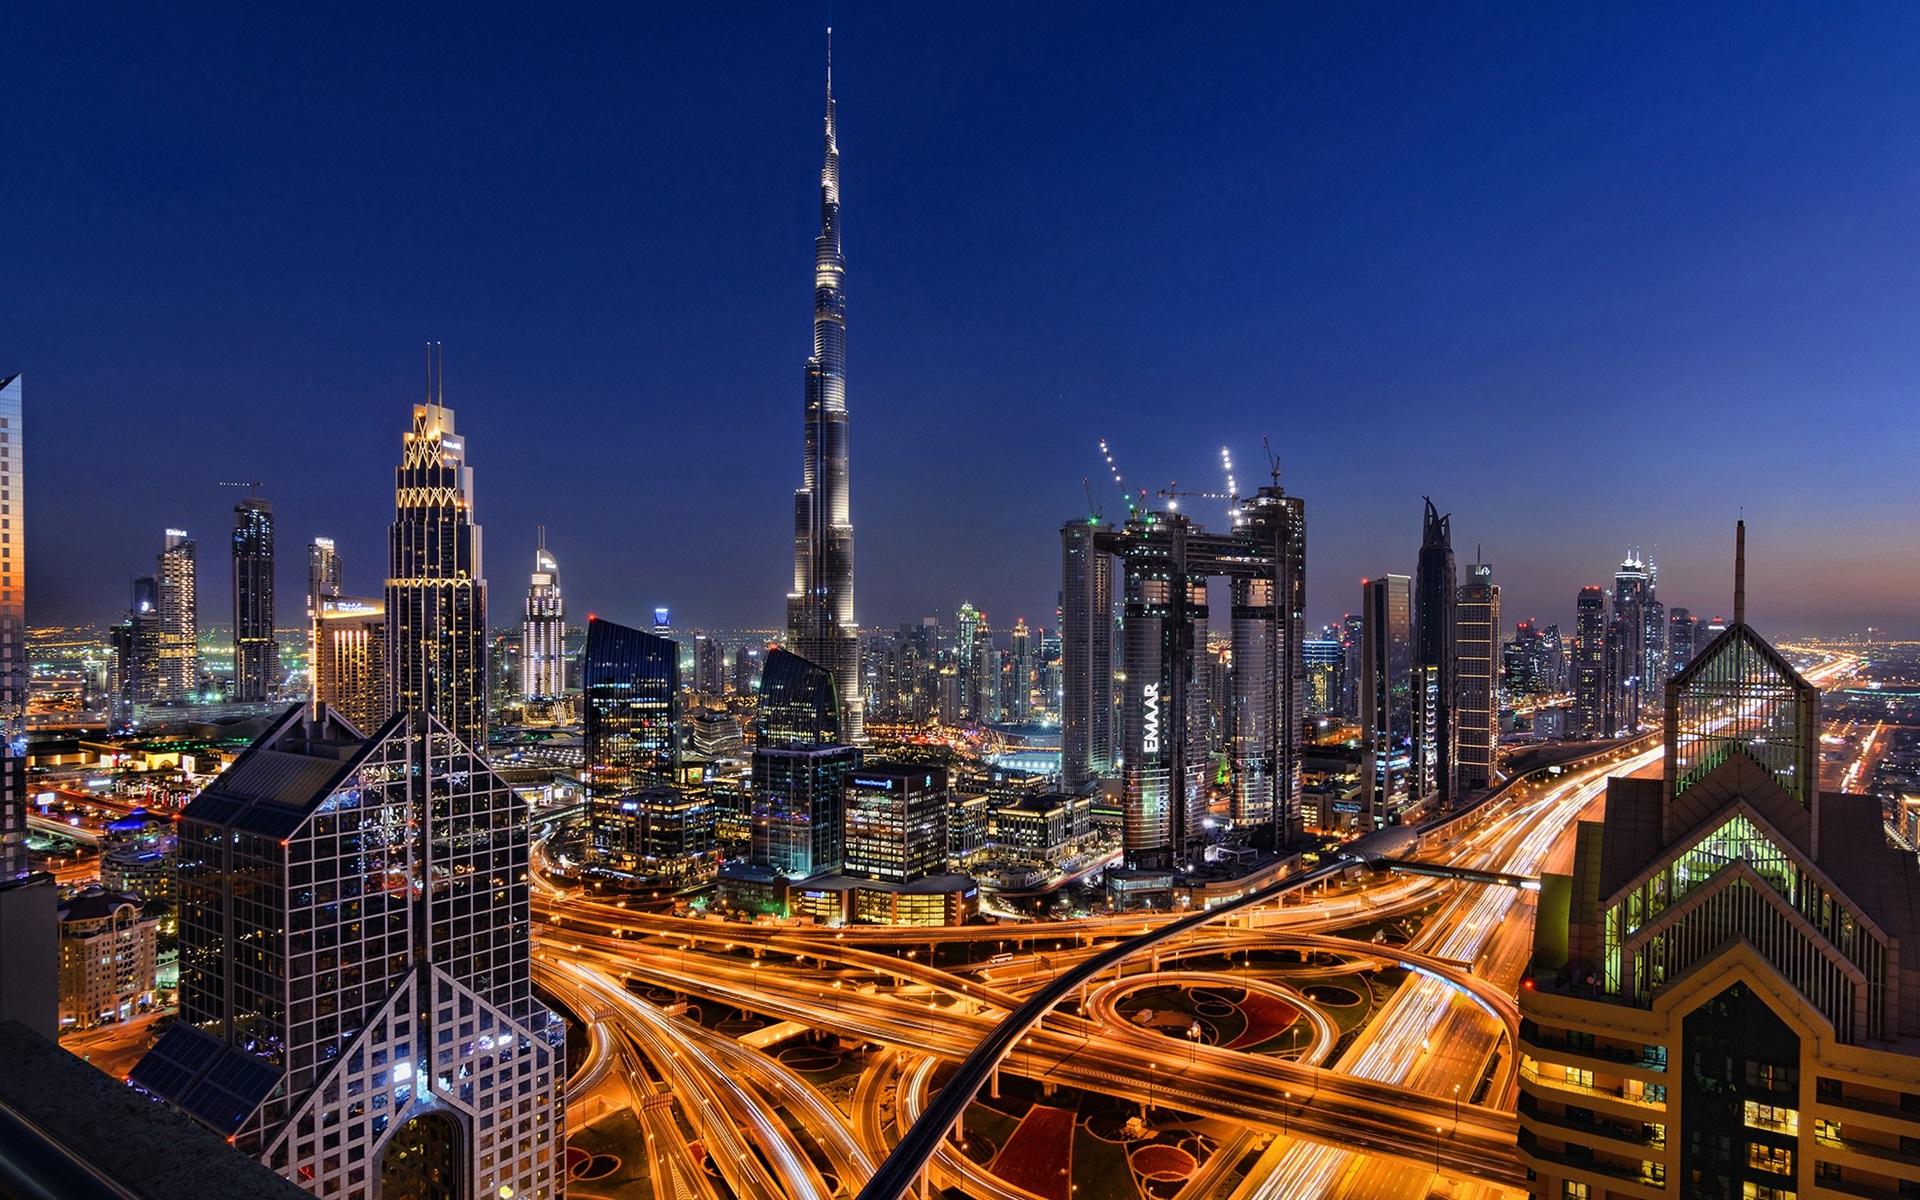 [Flüge] Dubai ab 290€ inkl. Gepäck mit Qatar Airways von Berlin, Frankfurt, München, Rail&Fly möglich, kostenlos stornierbar (Jul-Apr)